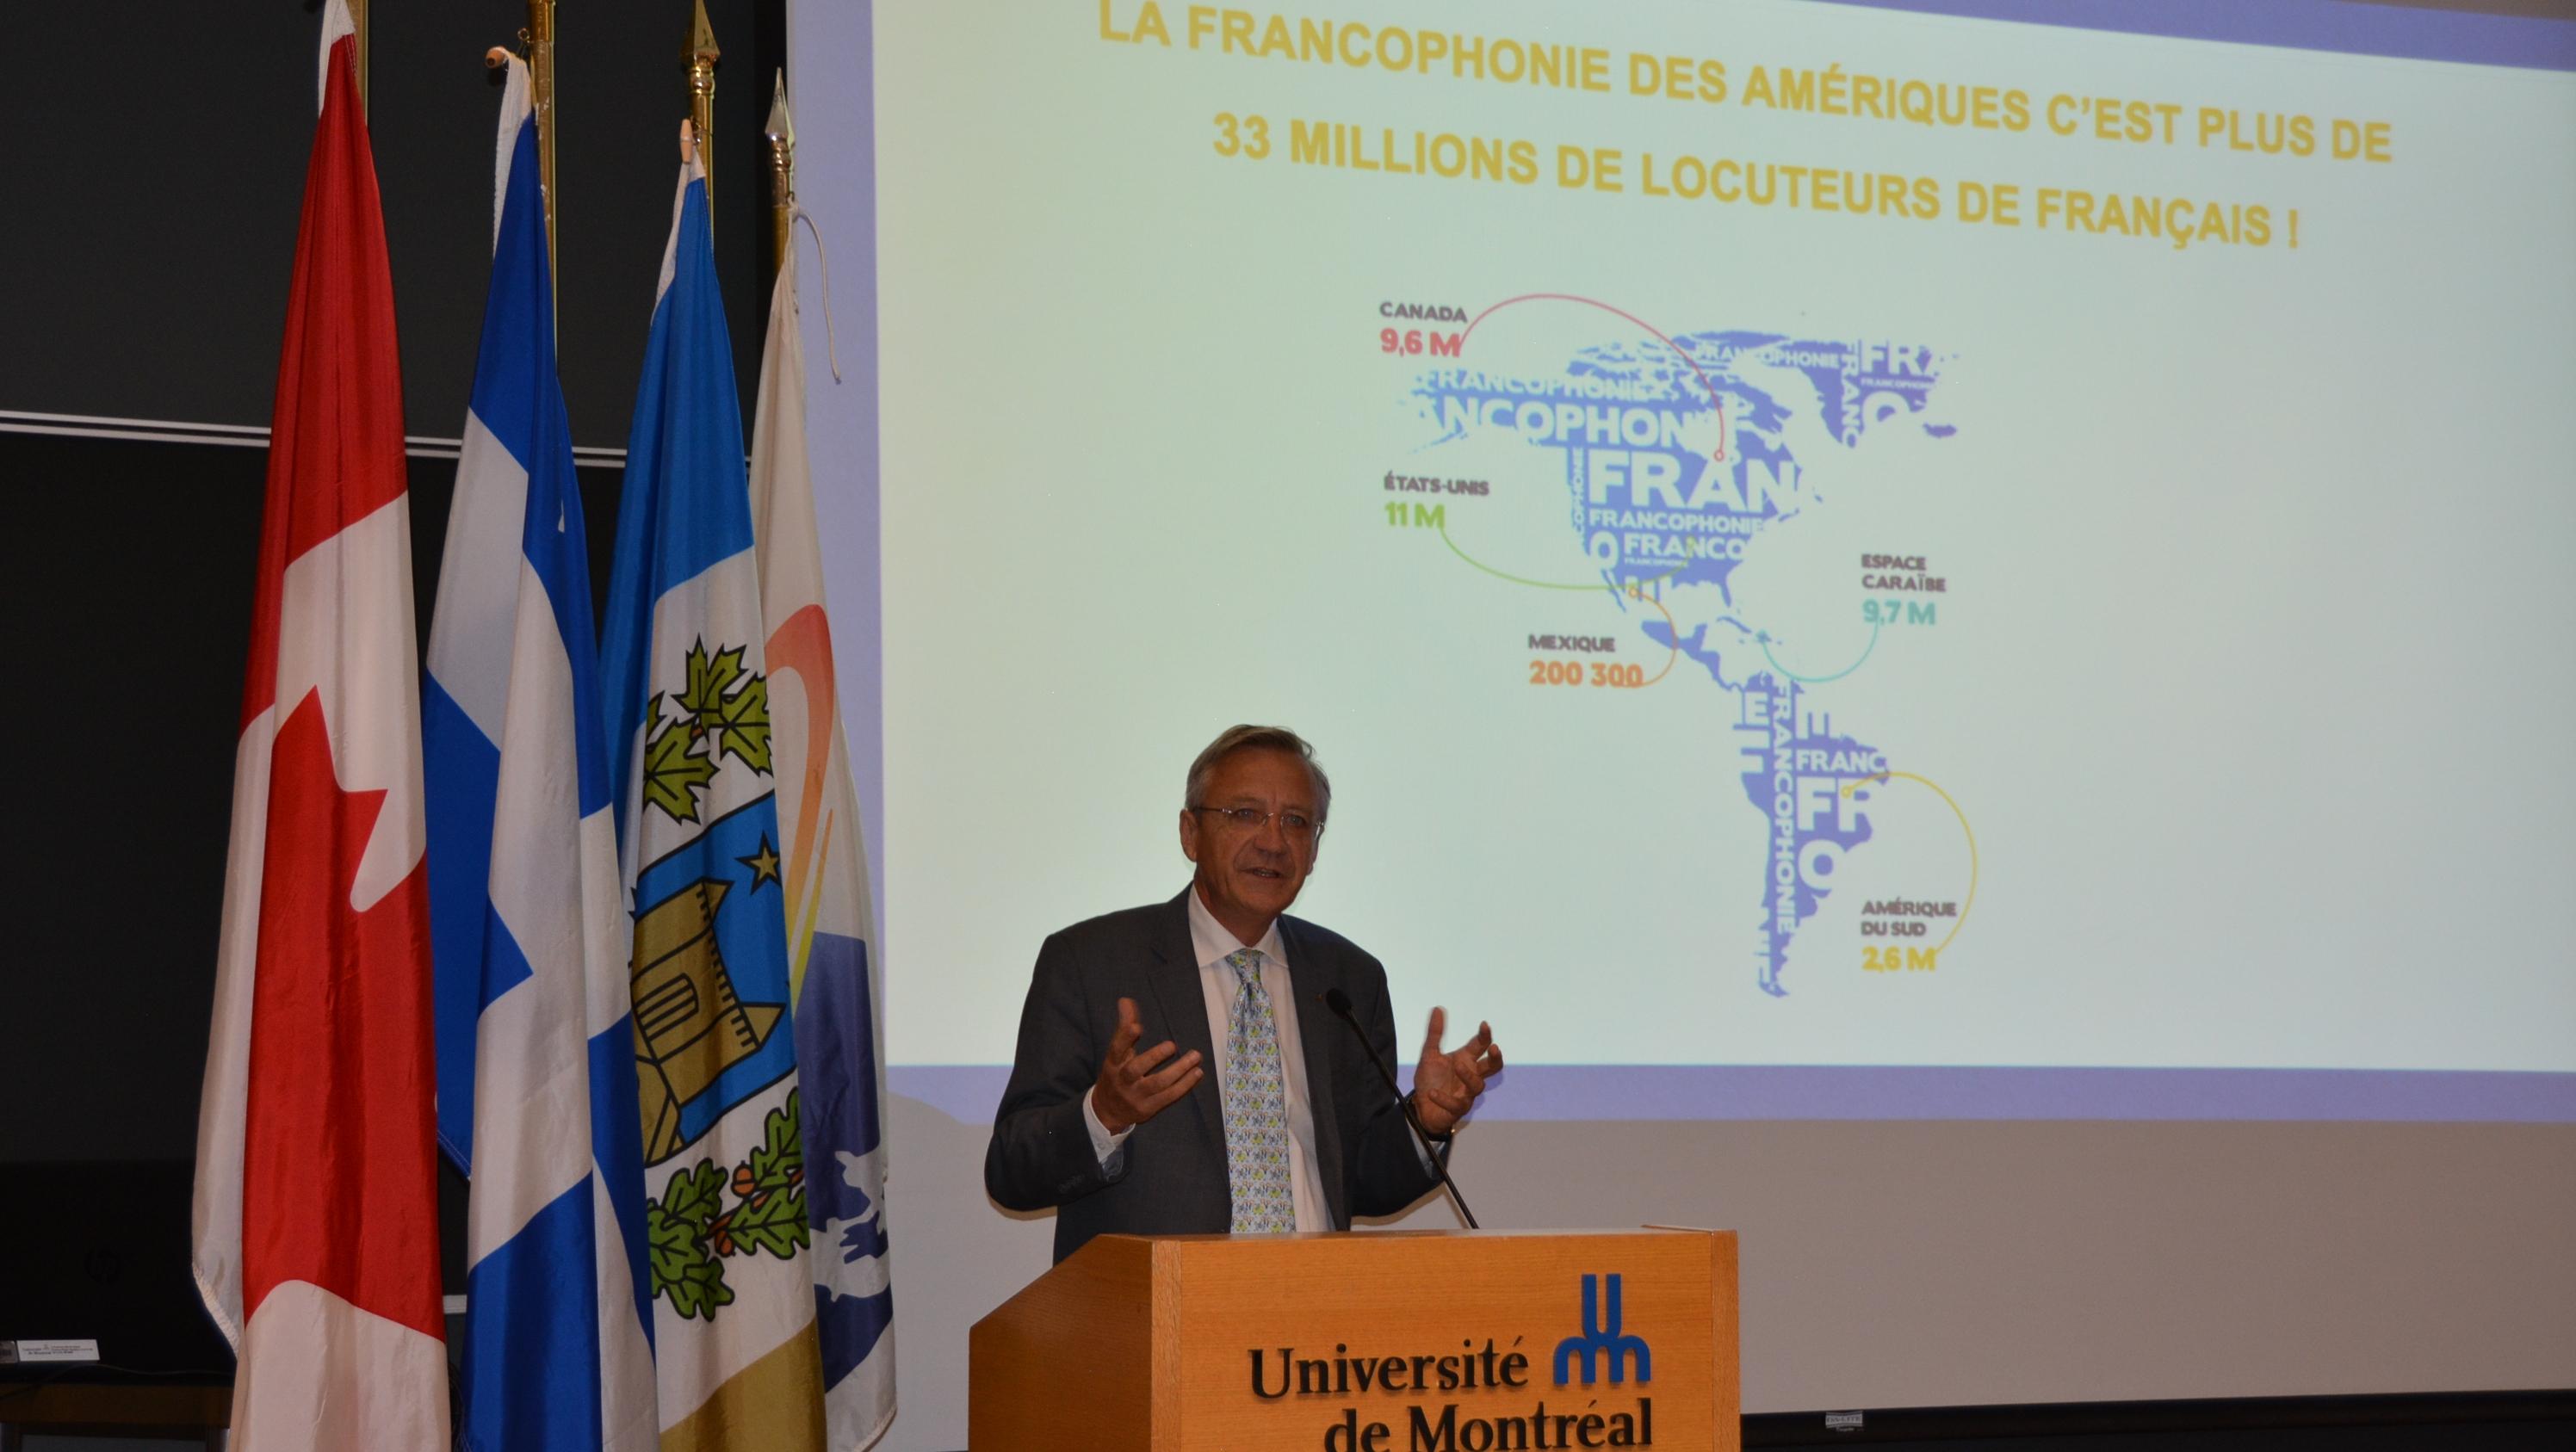 Les jeunes francophones des Amériques veulent une francophonie plus citoyenne